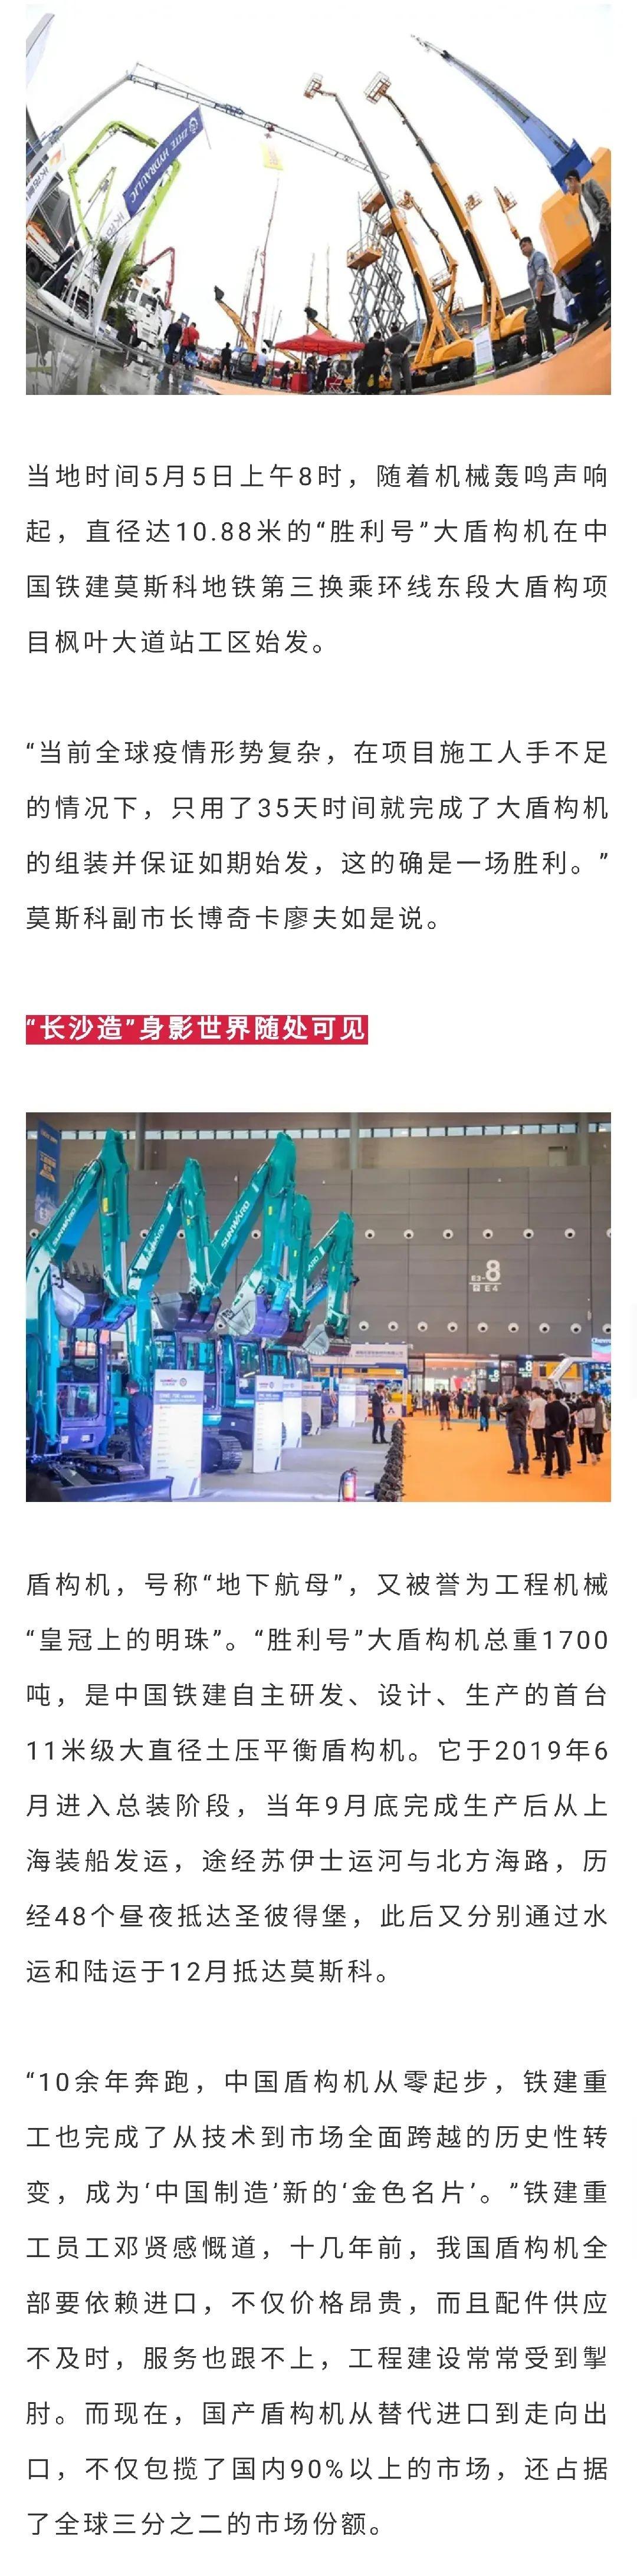 长沙:将工程机械打造为世界级先进制造业集群